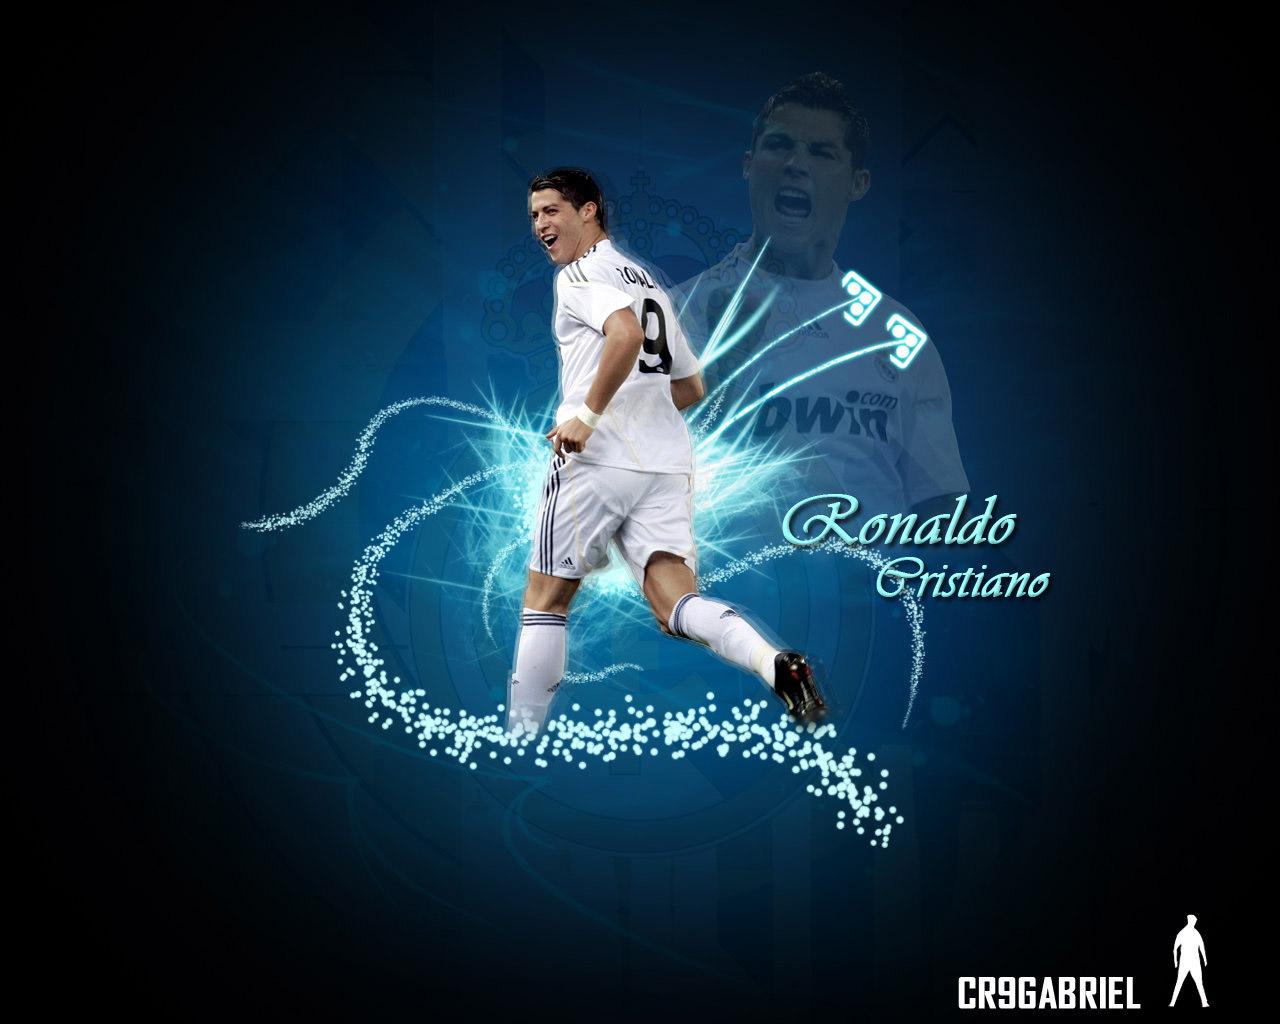 http://2.bp.blogspot.com/-5y1jmhFiZKA/TXL2nx5WRCI/AAAAAAAAAYg/vuZOyyX3X8k/s1600/0006-1024x768_Cristiano_Ronaldo147.jpg